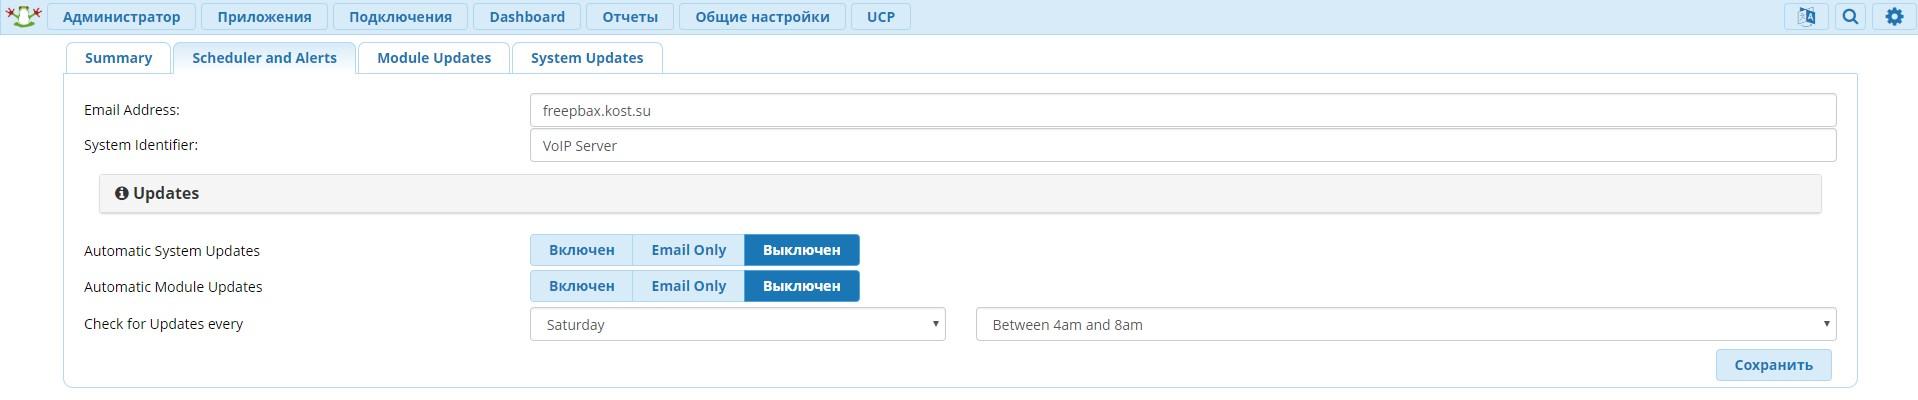 Настройка SCCP Manager на FreePBX 14 ~ Knowledge Base